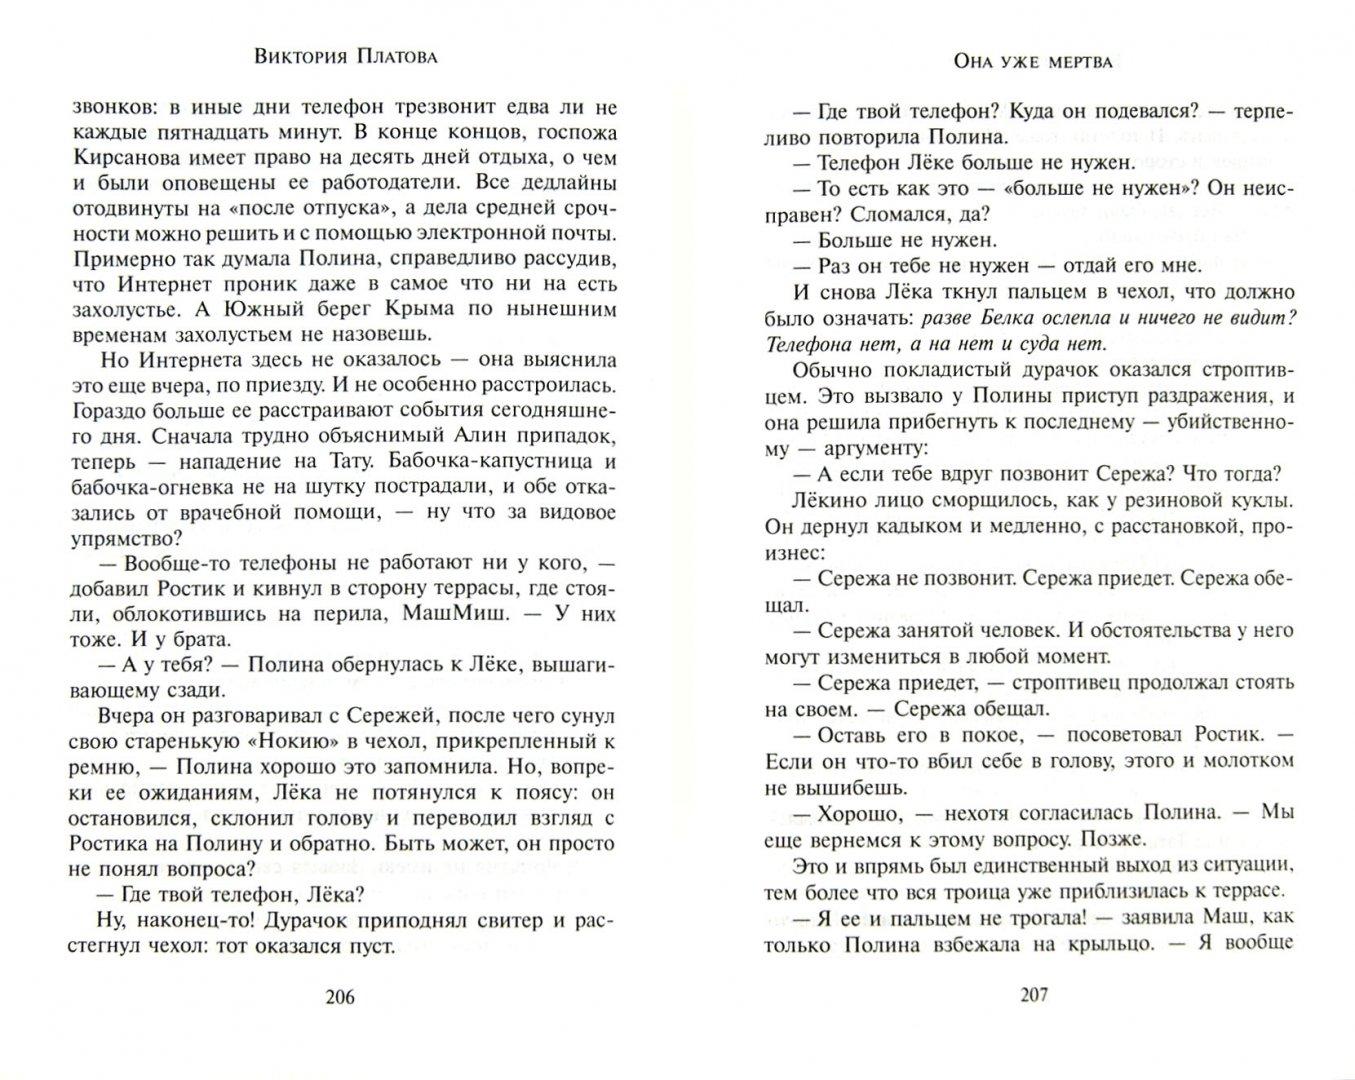 Иллюстрация 1 из 12 для Она уже мертва - Виктория Платова | Лабиринт - книги. Источник: Лабиринт